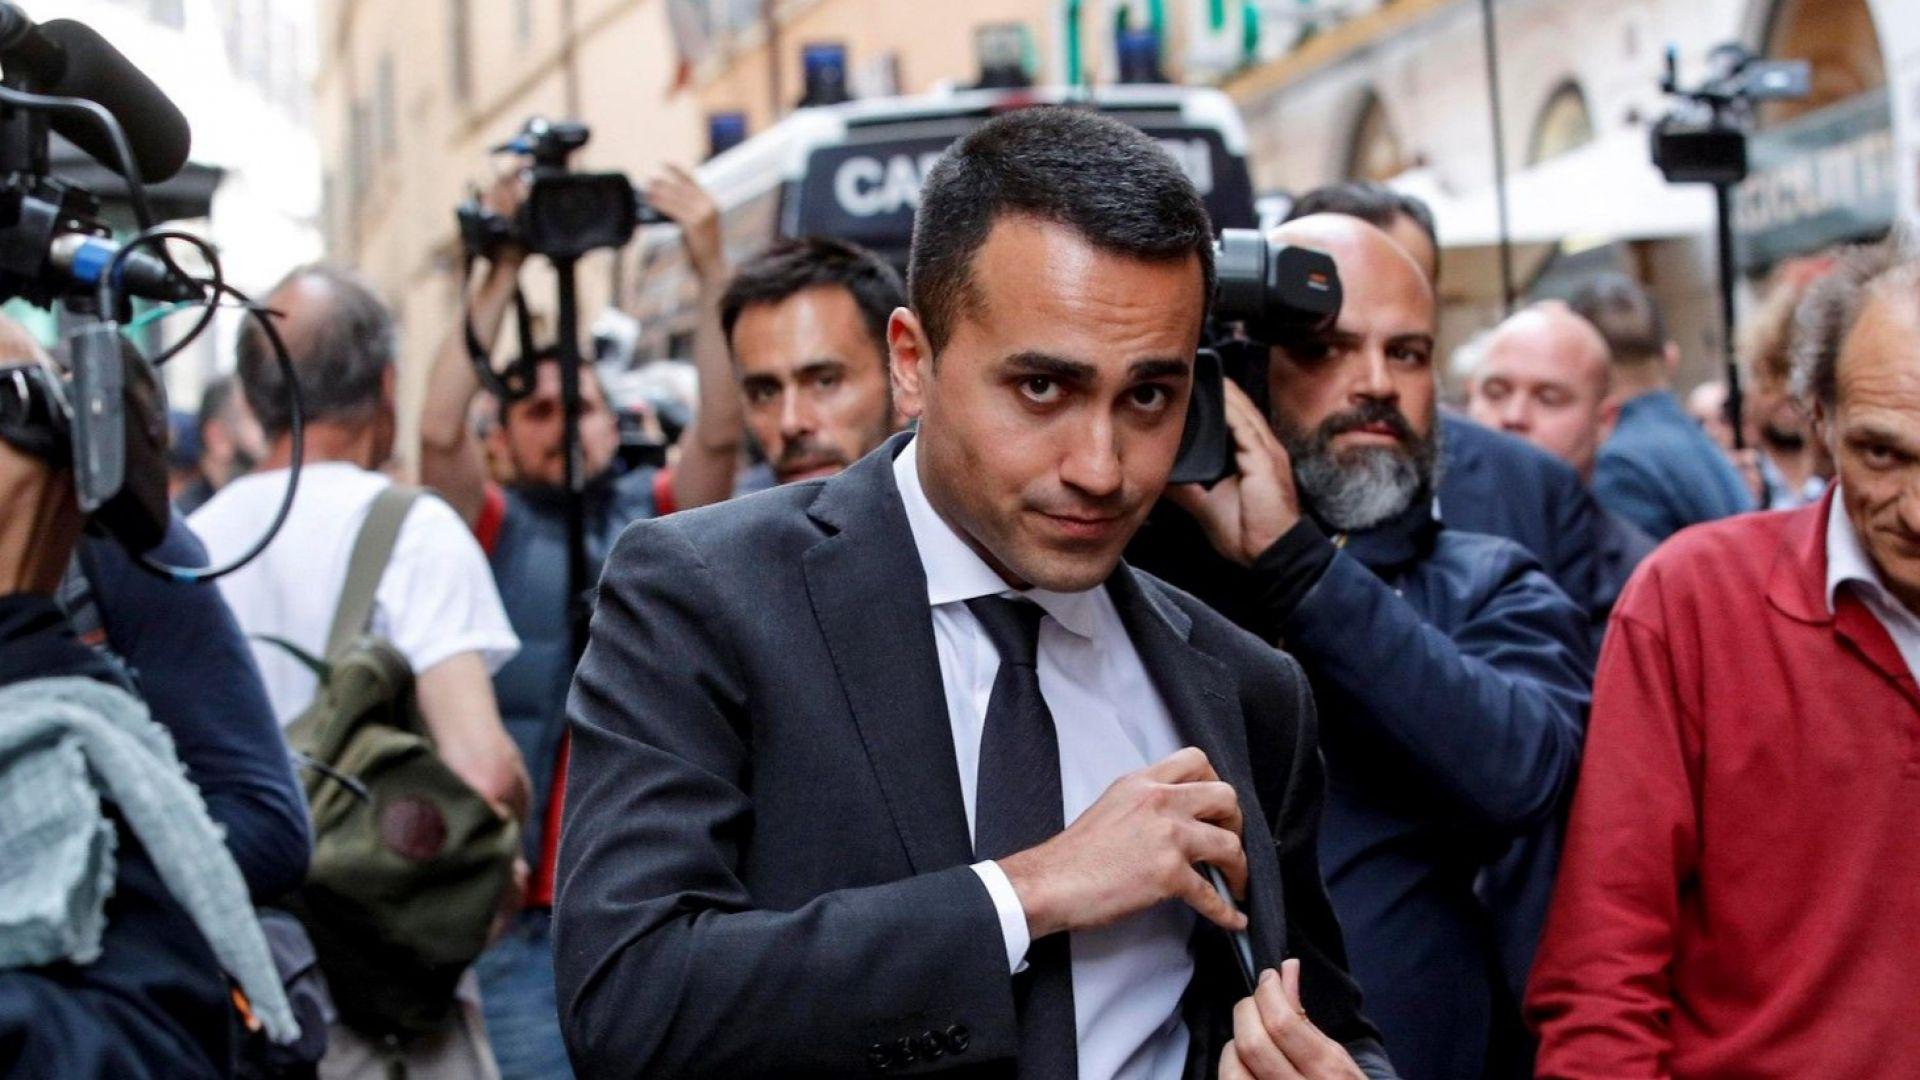 Антисистемни евроскептични партии правят правителство в Италия